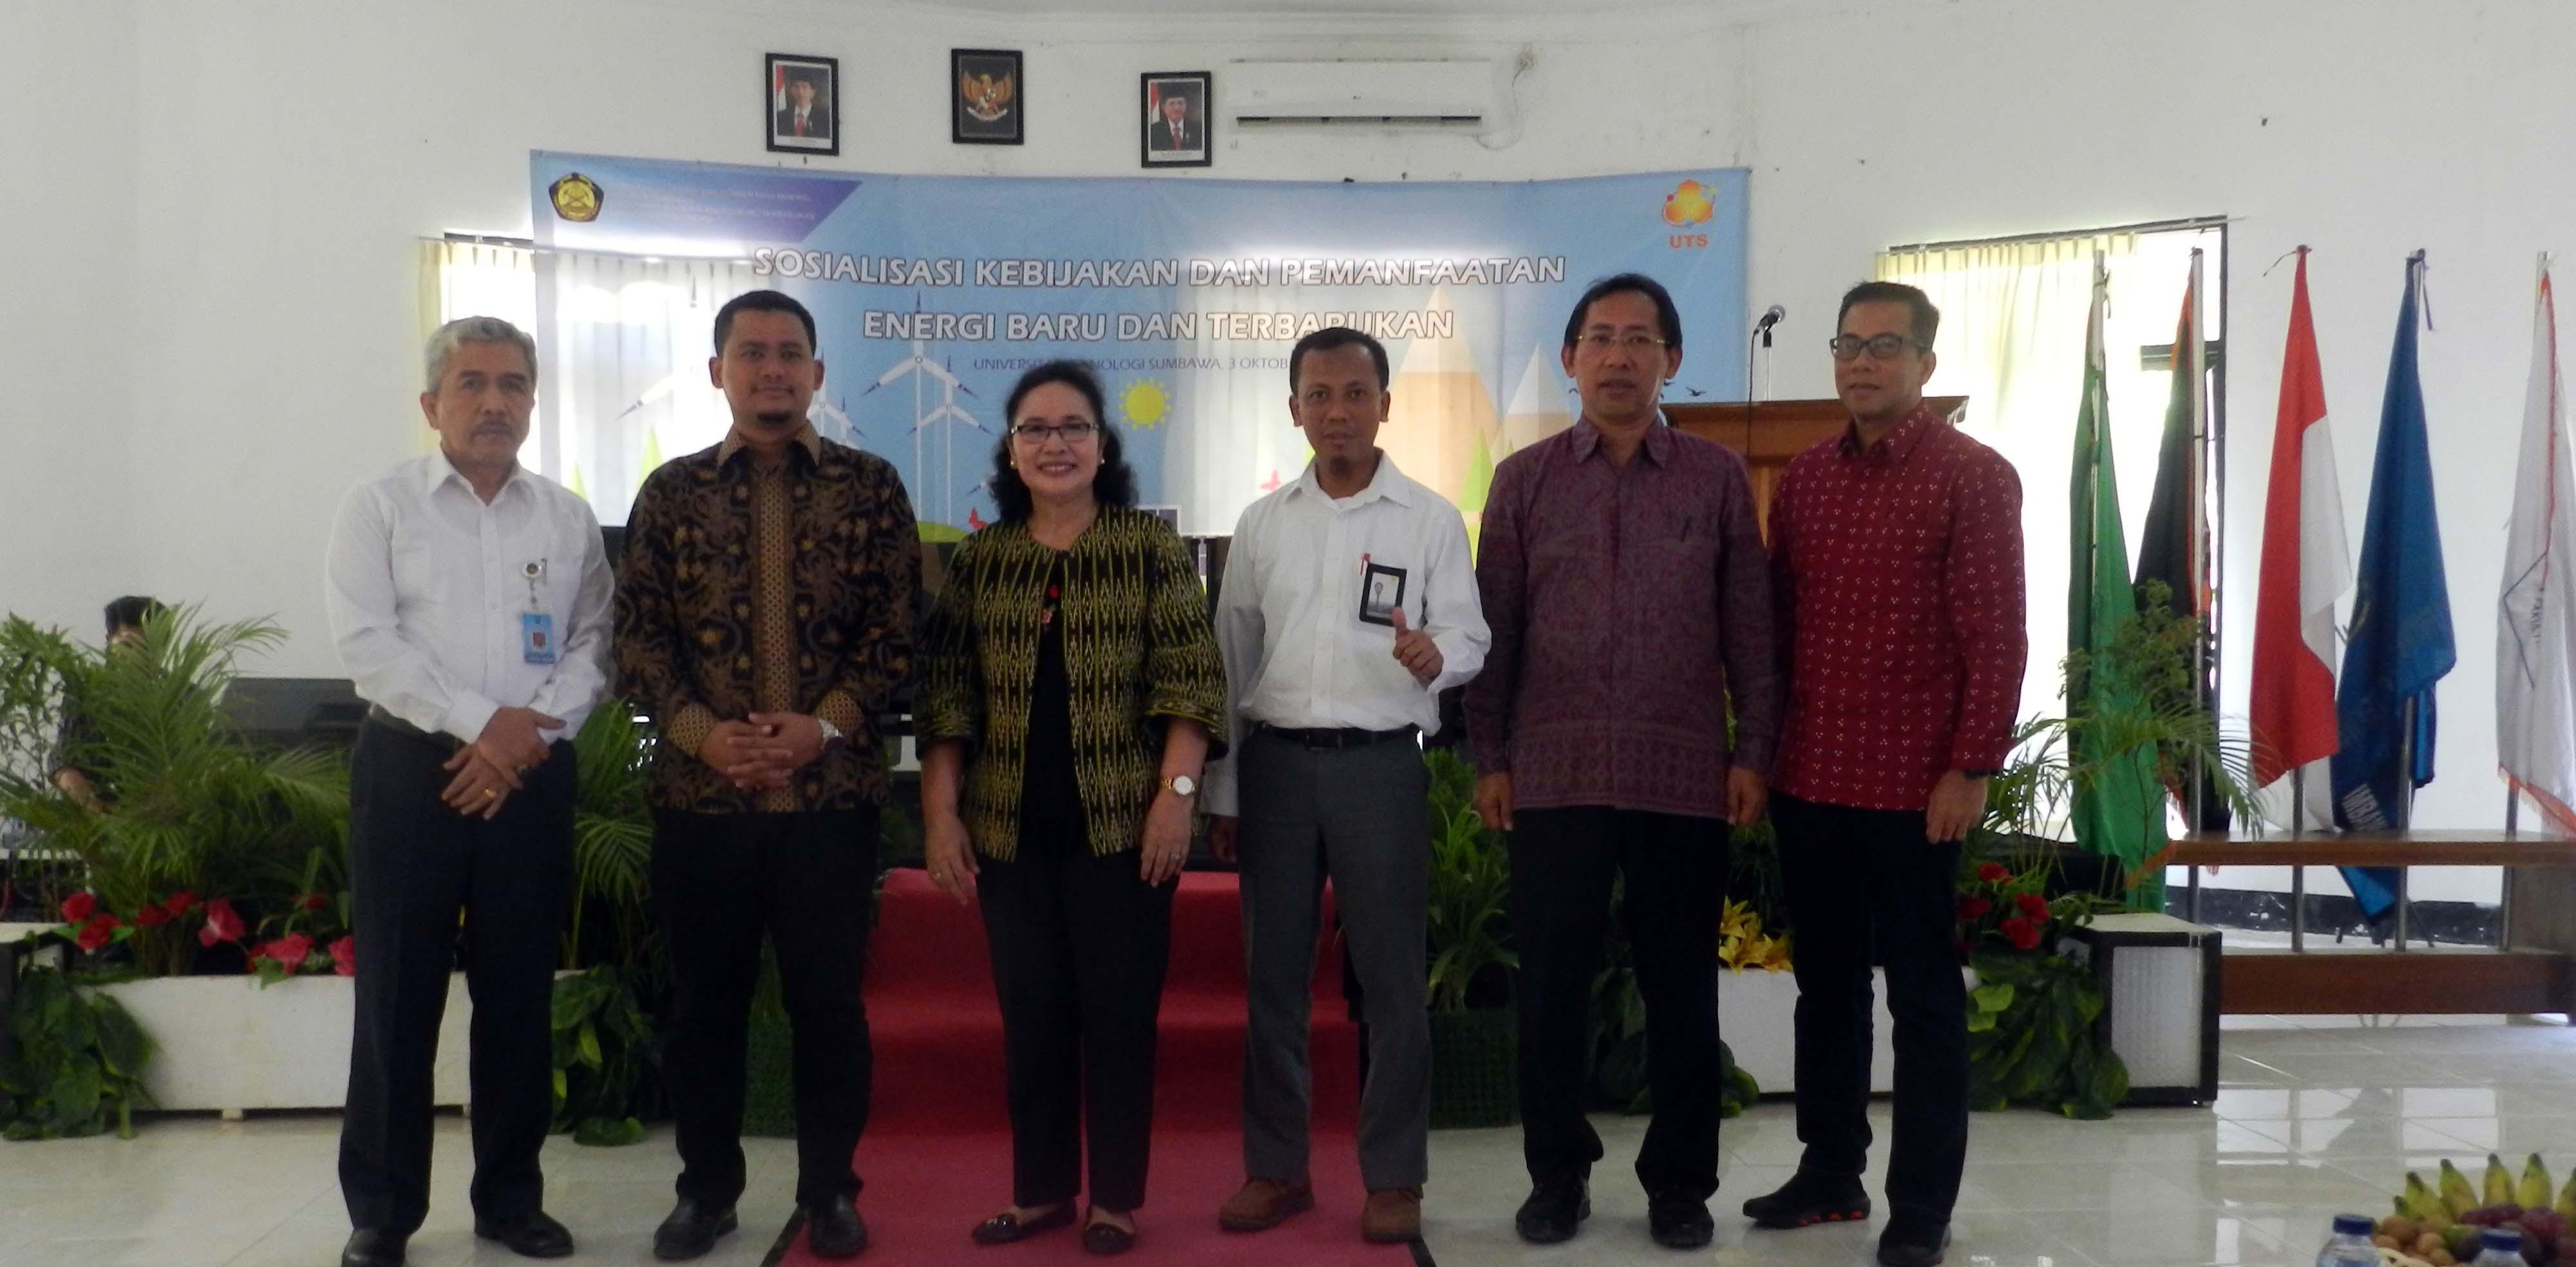 Direktur ESDM dan Jajarannya bersama Rektor UTS